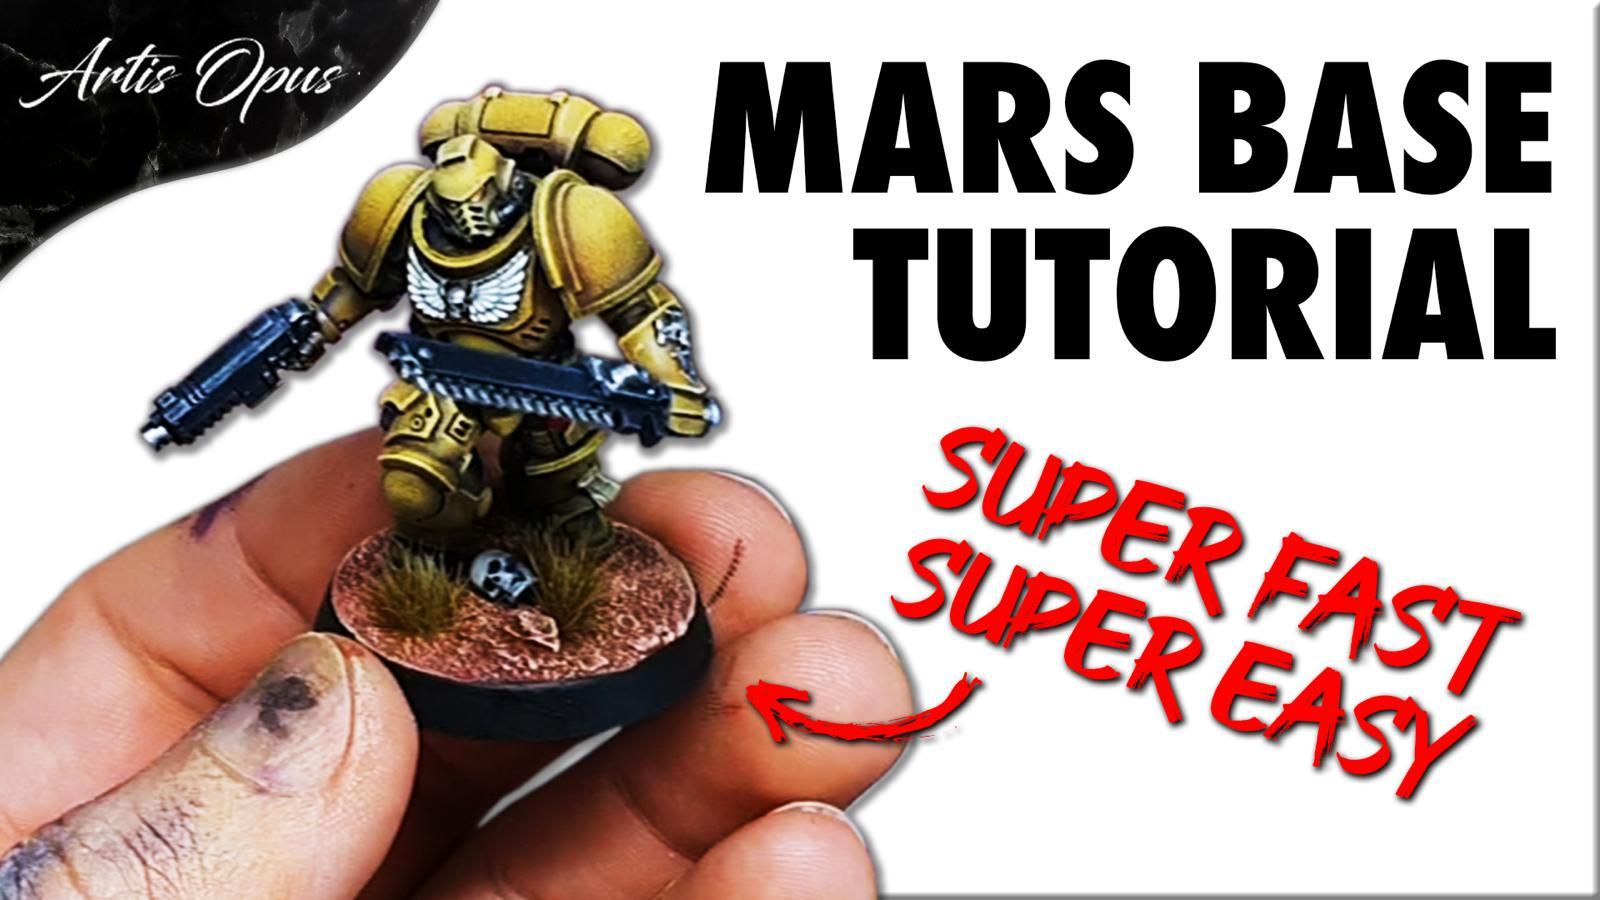 Artis Opus Mars Basing Bundle